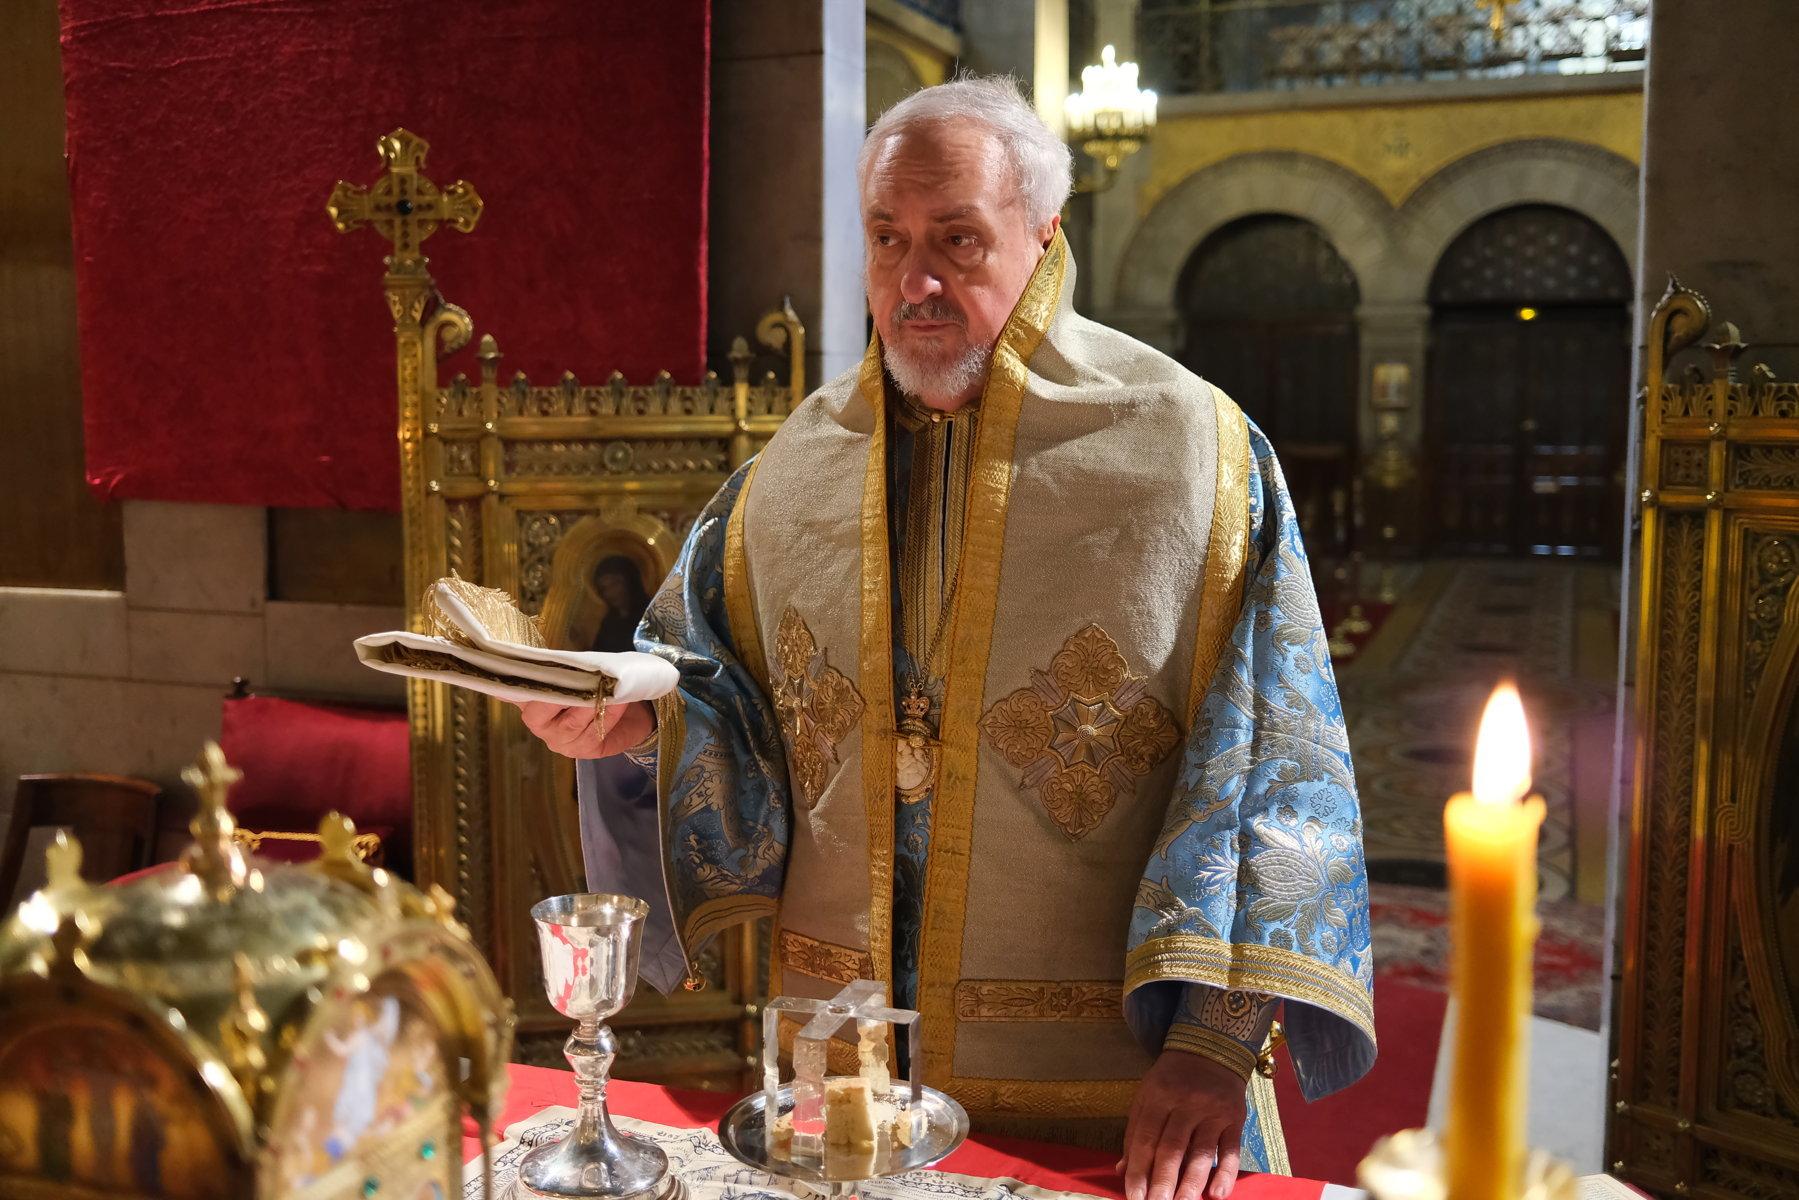 11  - Ο Ευαγγελισμός της Θεοτόκου στο Παρίσι (φωτο)